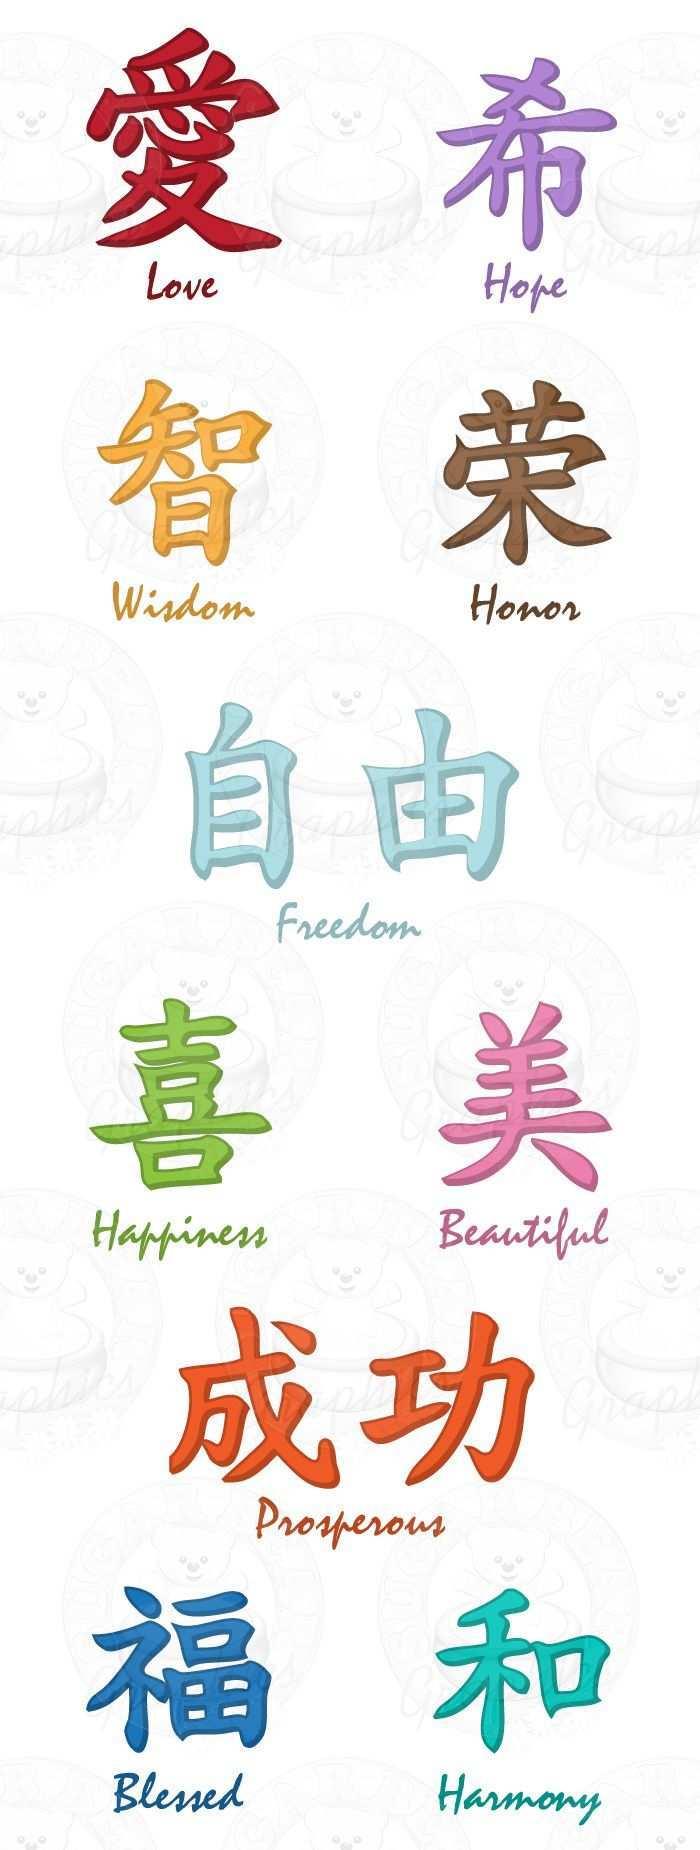 Limited Set Of 12 Chinese Words Mit Bildern Chinesische Tattoos Symbol E Chinesische Tattoos Chinesische Worter